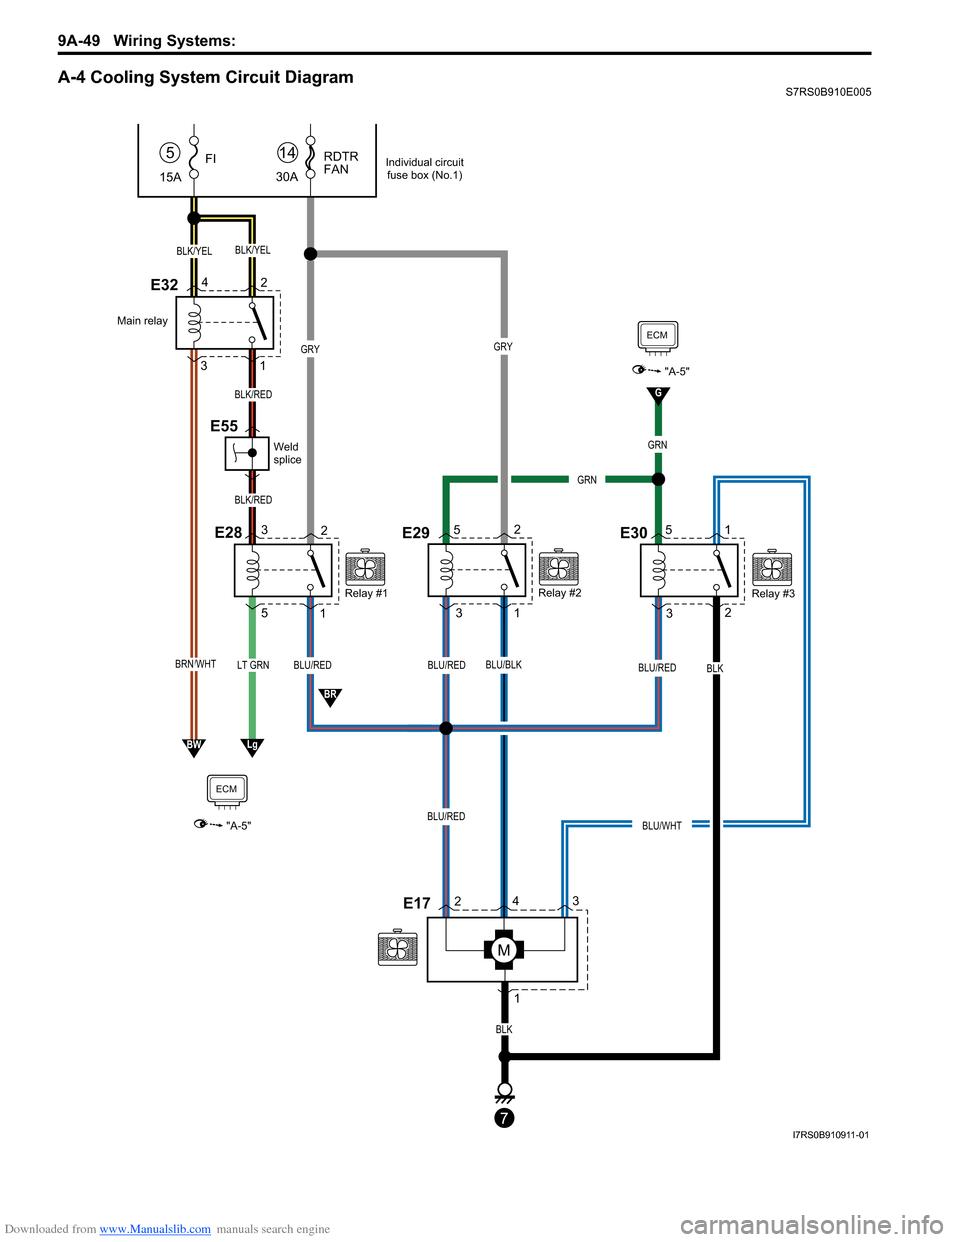 Suzuki Swift Wiring Diagram 2008 Trusted Schematics 2012 2 G Service Workshop Manual Atv Diagrams